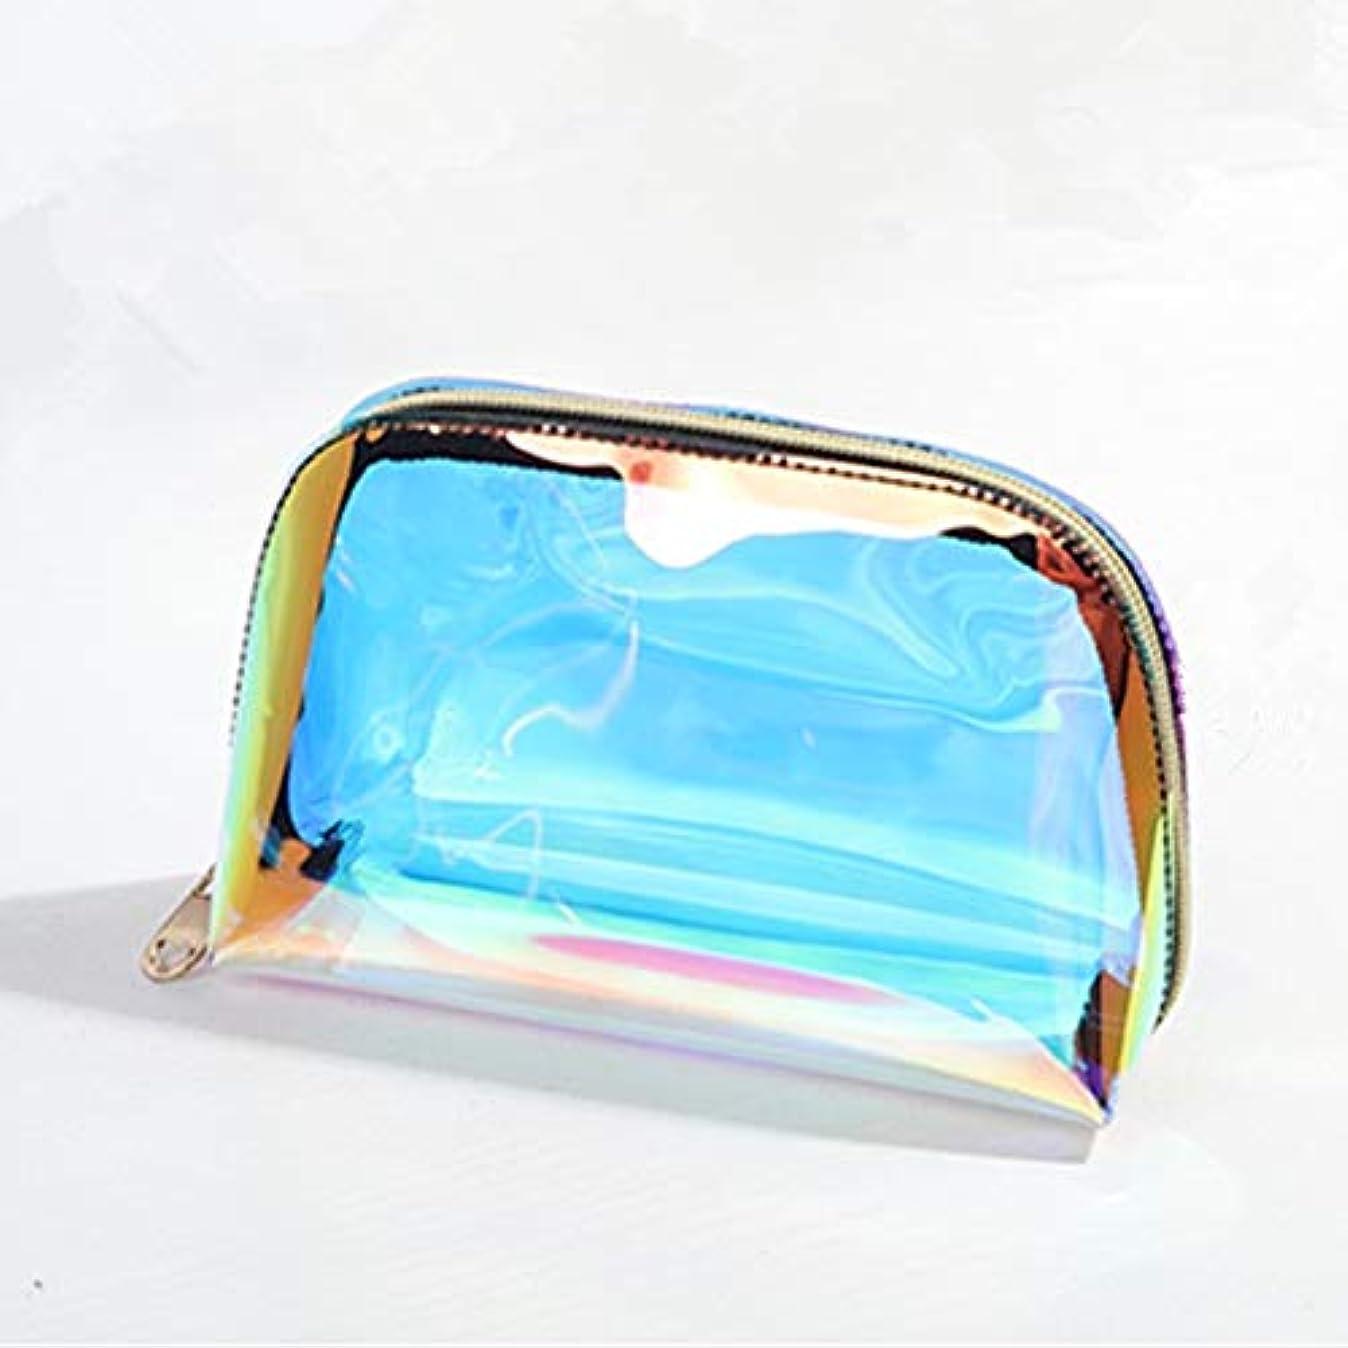 内部ドルガスGUJIJI 化粧ポーチ 大容量 防水 軽量便利 旅行 出張 温泉 防水 収納 镭射デザイン多機能バッグ 透明化粧品ボックス (SMALL, マルチカラー)